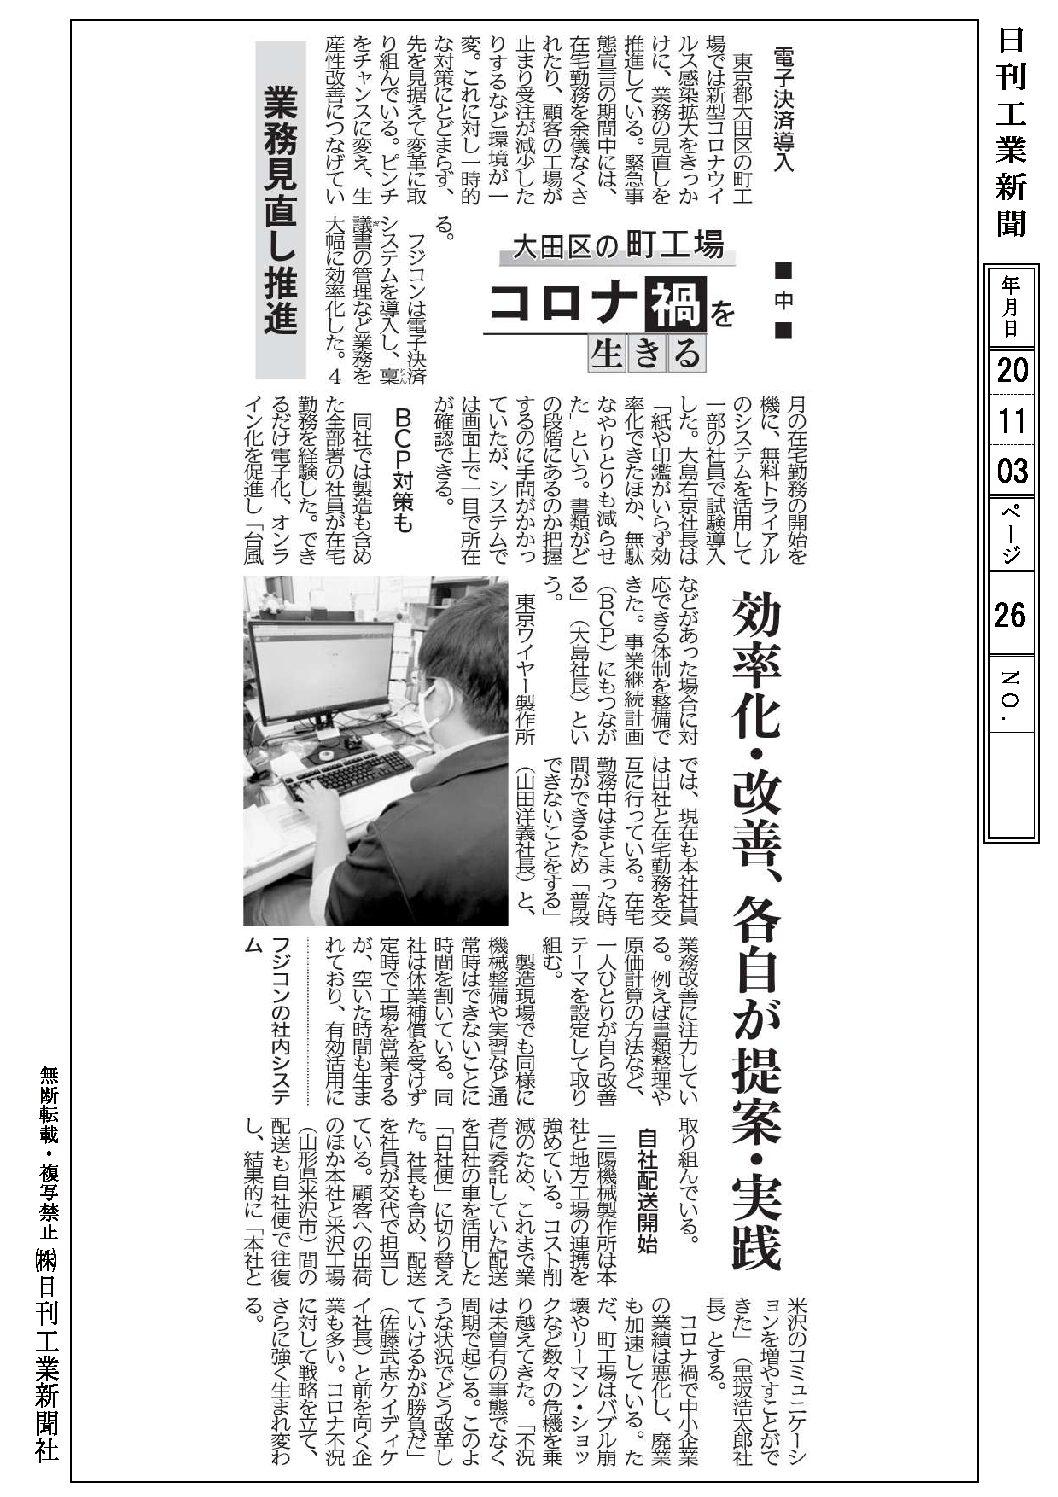 日刊工業新聞「大田区の町工場 コロナ禍を生きる」に掲載されました。